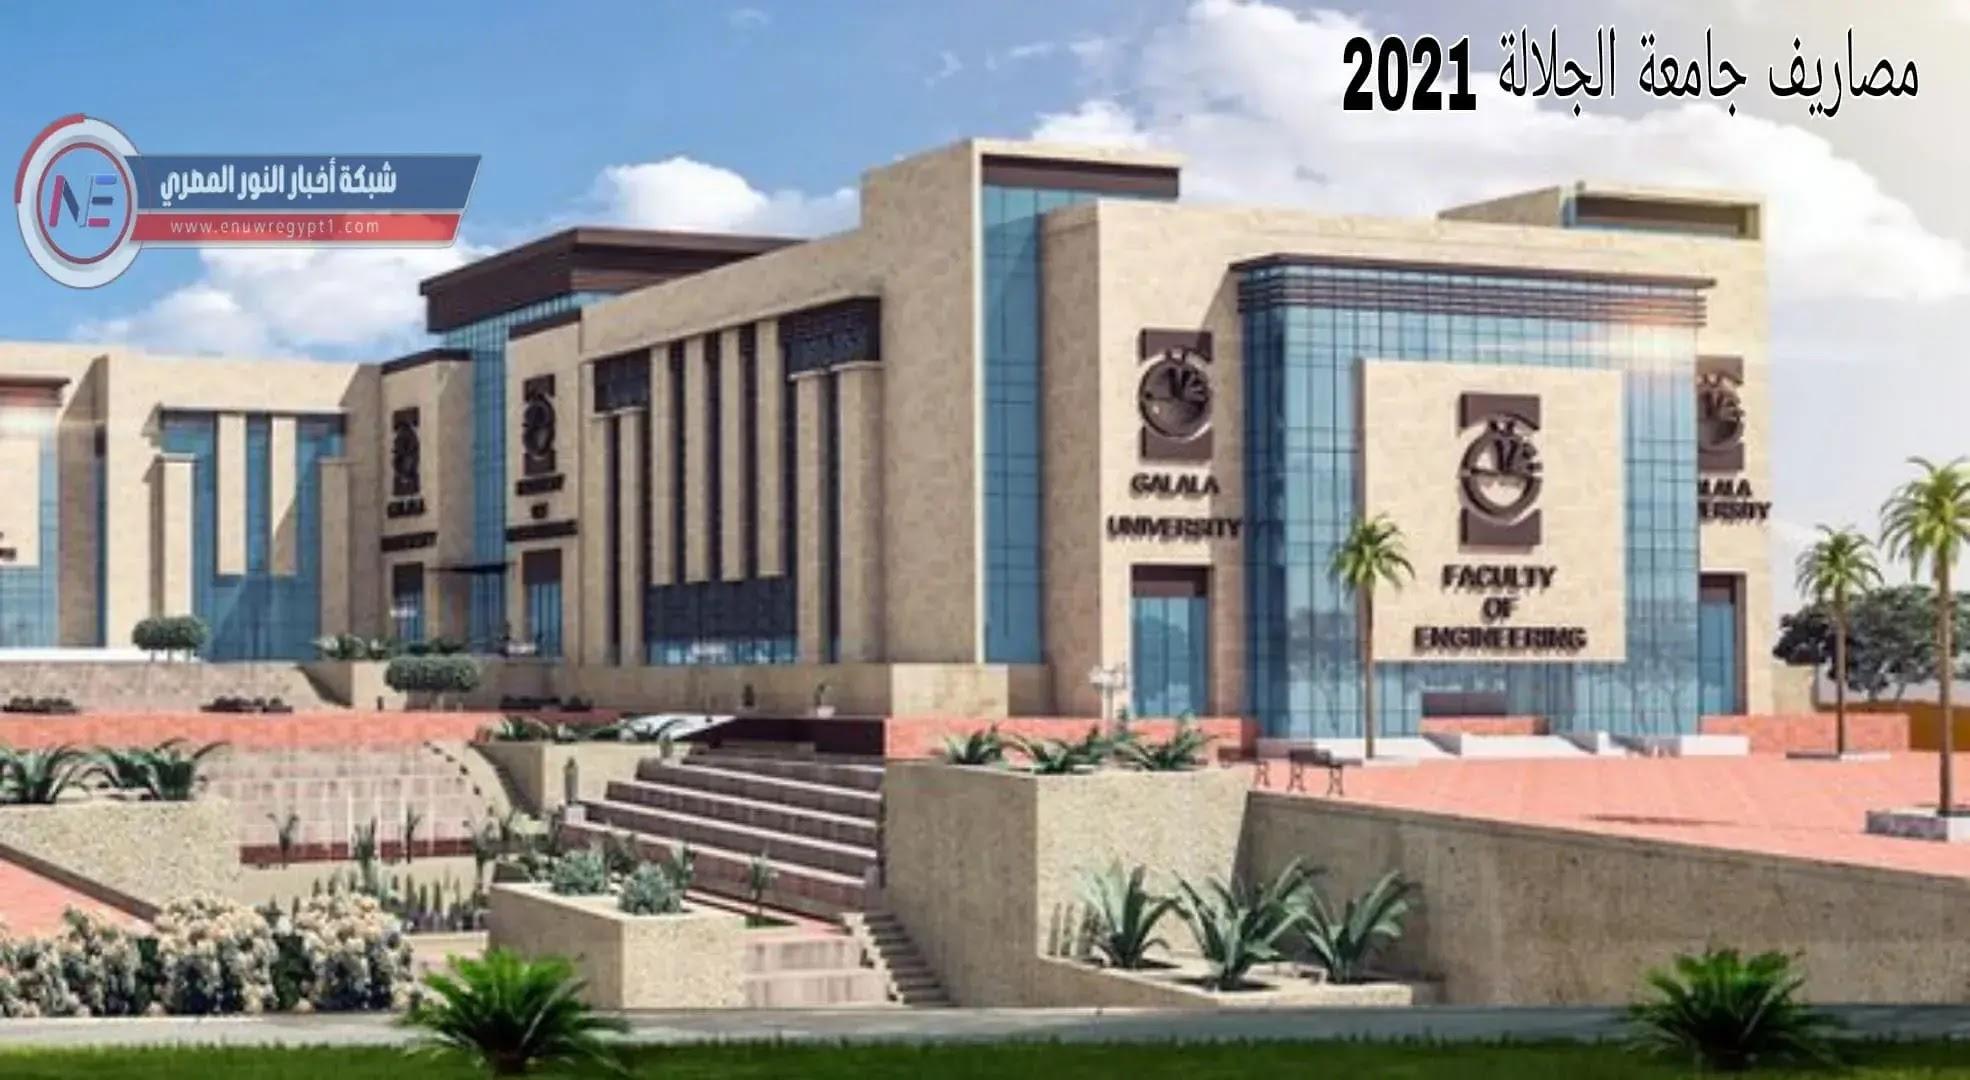 مصاريف جامعة الجلالة 2021-2022 | تنسيق كليات جامعة الجلالة الجديدة وشروط القبول و الاوراق المطلوبة للالتحاق في الكليات للعام الدراسي 2021